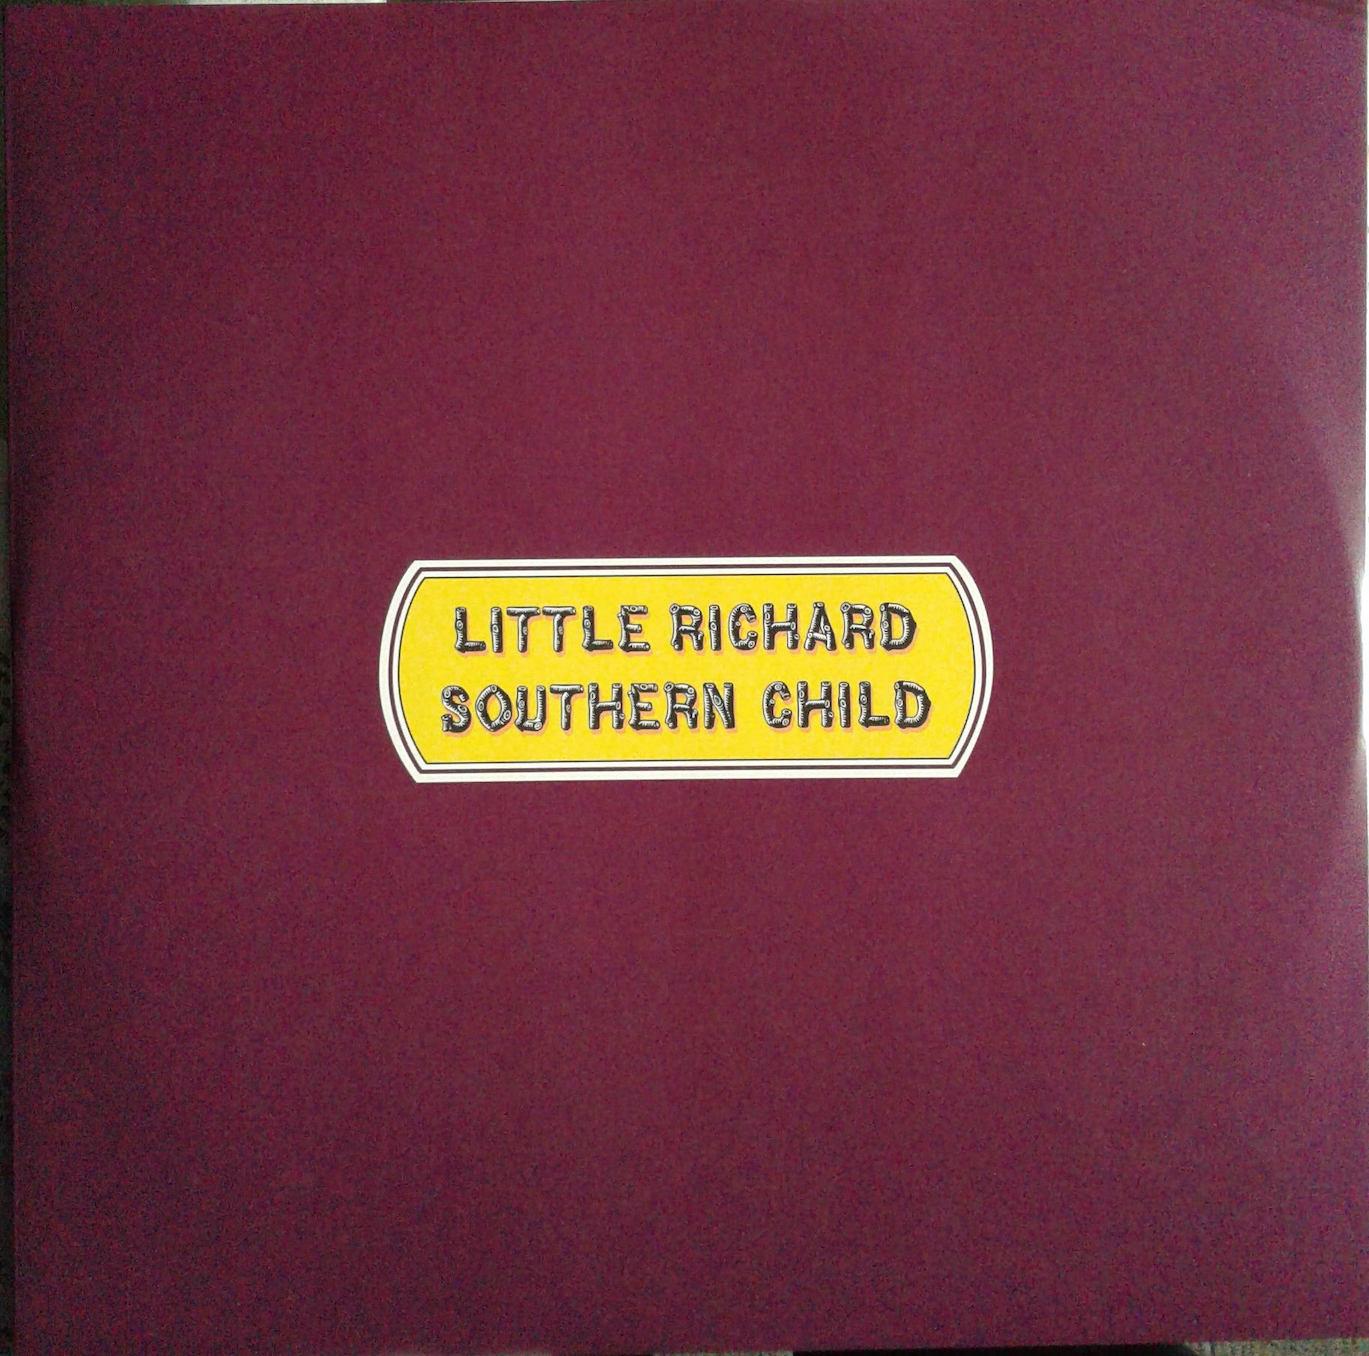 http://music.3sky.de/LittleRichard/LPs/LPlabel/southern_child_innersleeve_a.jpg